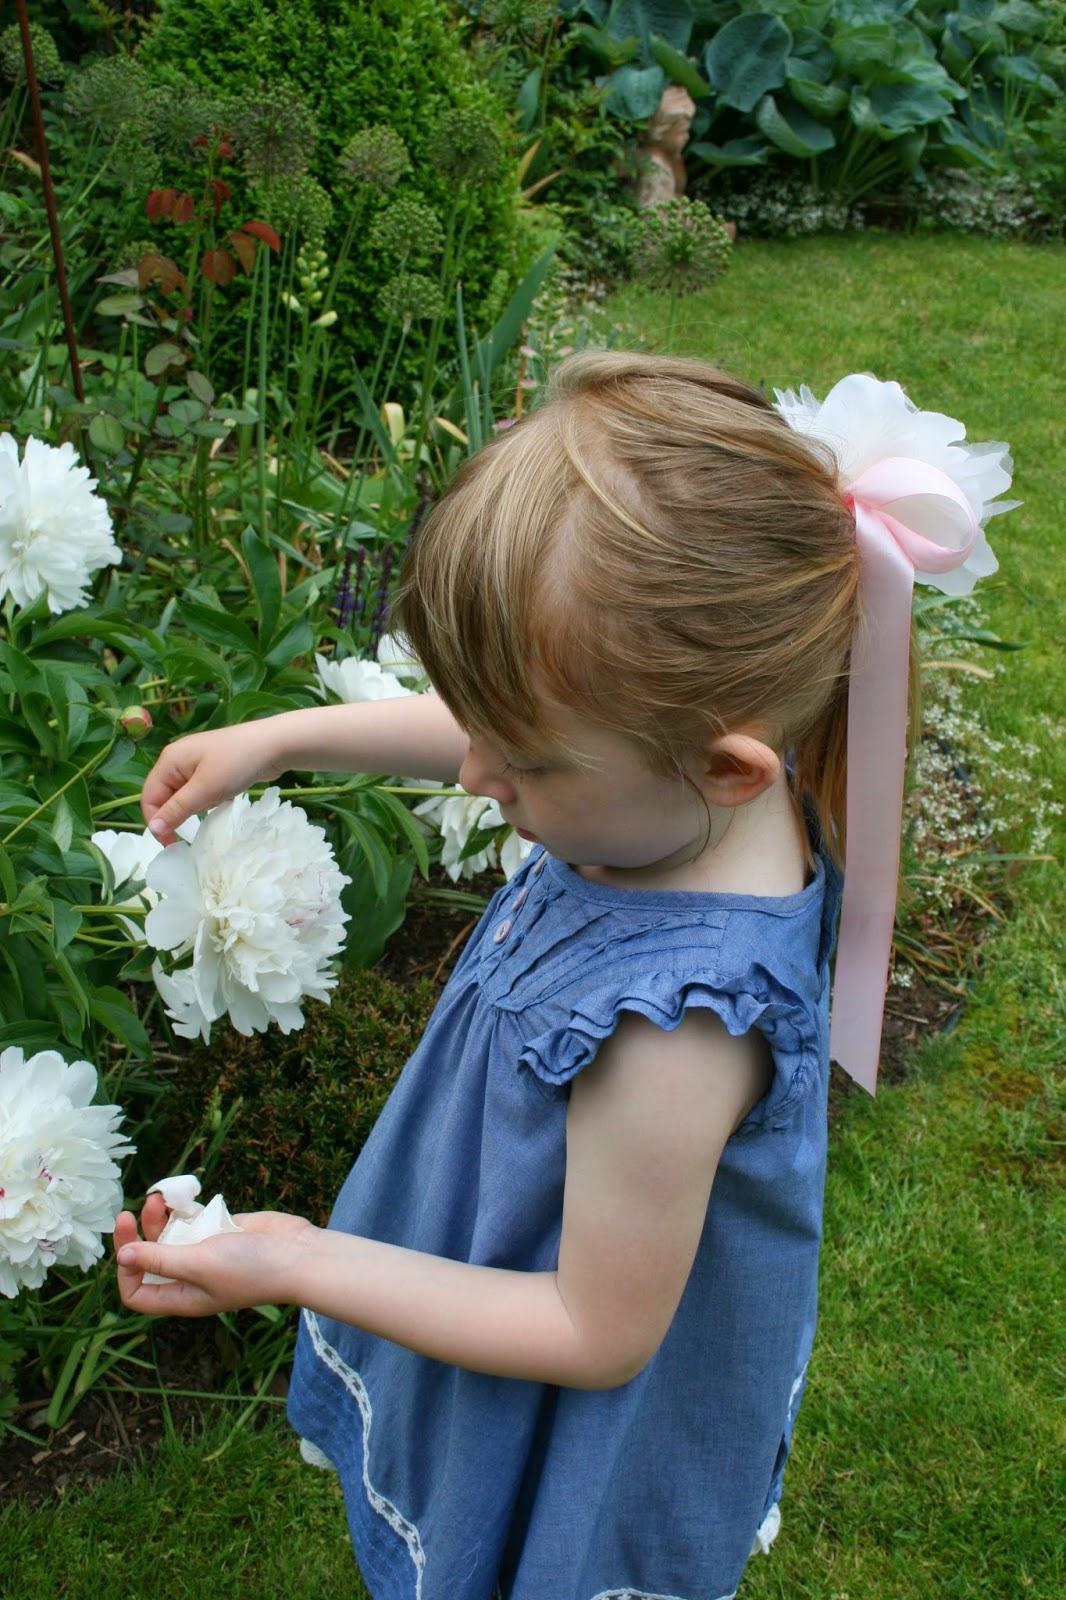 luktoion paeonia lactiflora